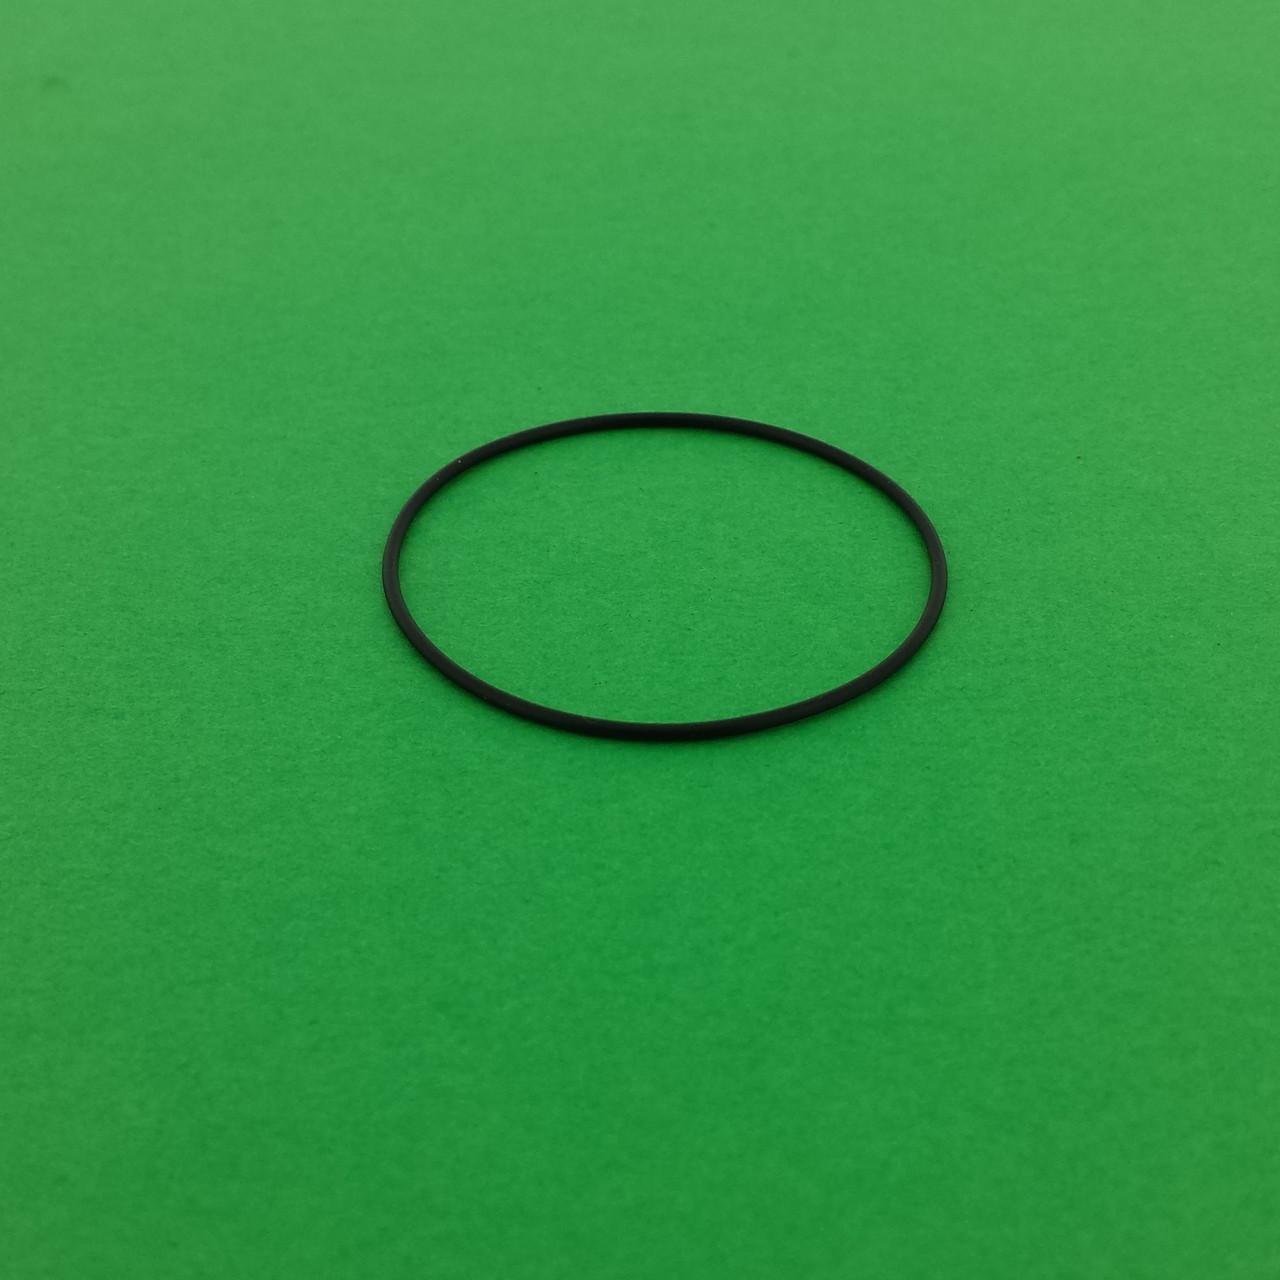 Case Back Gasket Fits Rolex 29-213-66 | Main